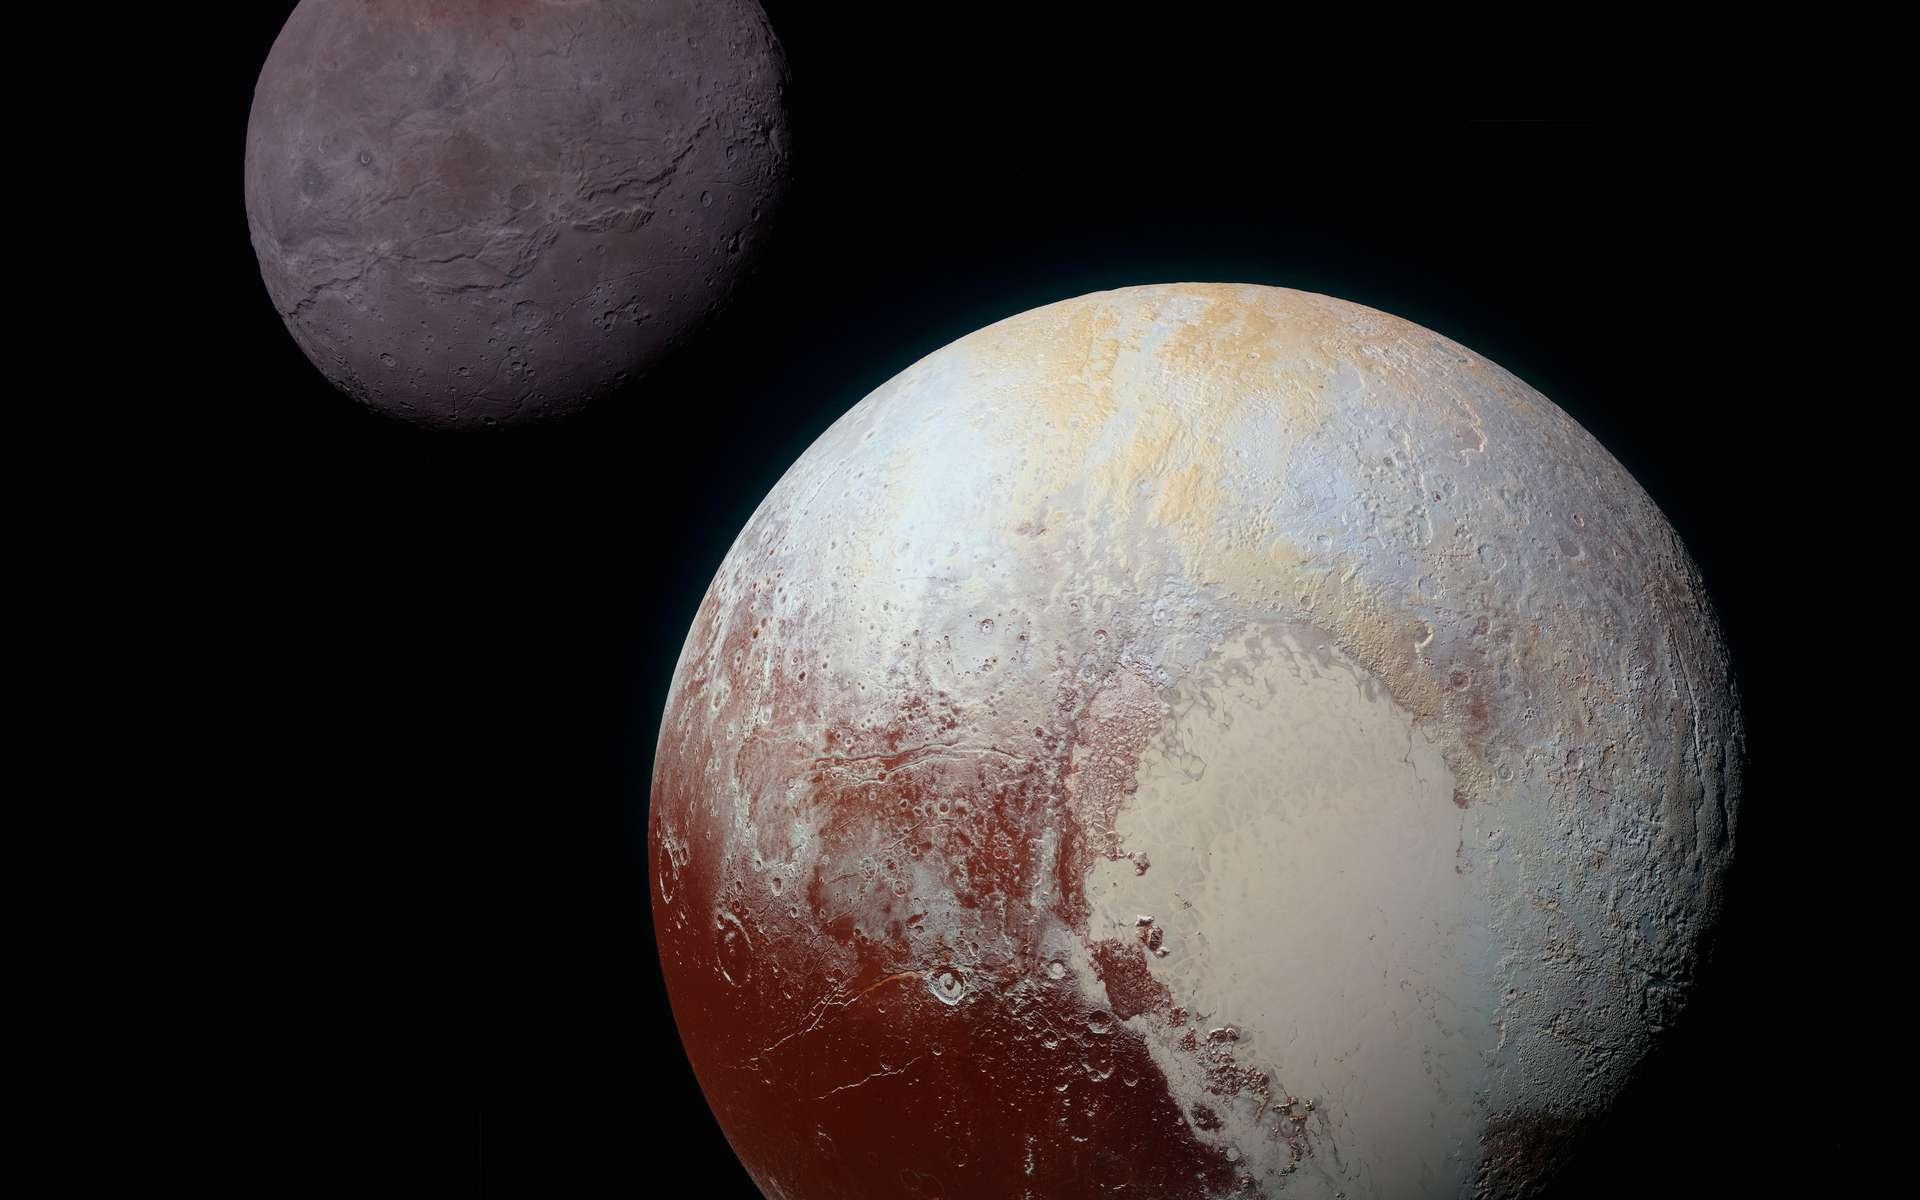 Pluton et sa plus grosse lune, Charon, en arrière-plan, vues par la sonde New Horizons lors de son survol historique en 2015. Le manque de cratères de faible dimension sur Pluton et Charon suggère que les petits impacteurs, de moins de deux kilomètres de diamètre, sont rares dans la ceinture de Kuiper, parfois surnommée royaume de Pluton. © Nasa/Johns Hopkins University Applied Physics Laboratory/Southwest Research Institute